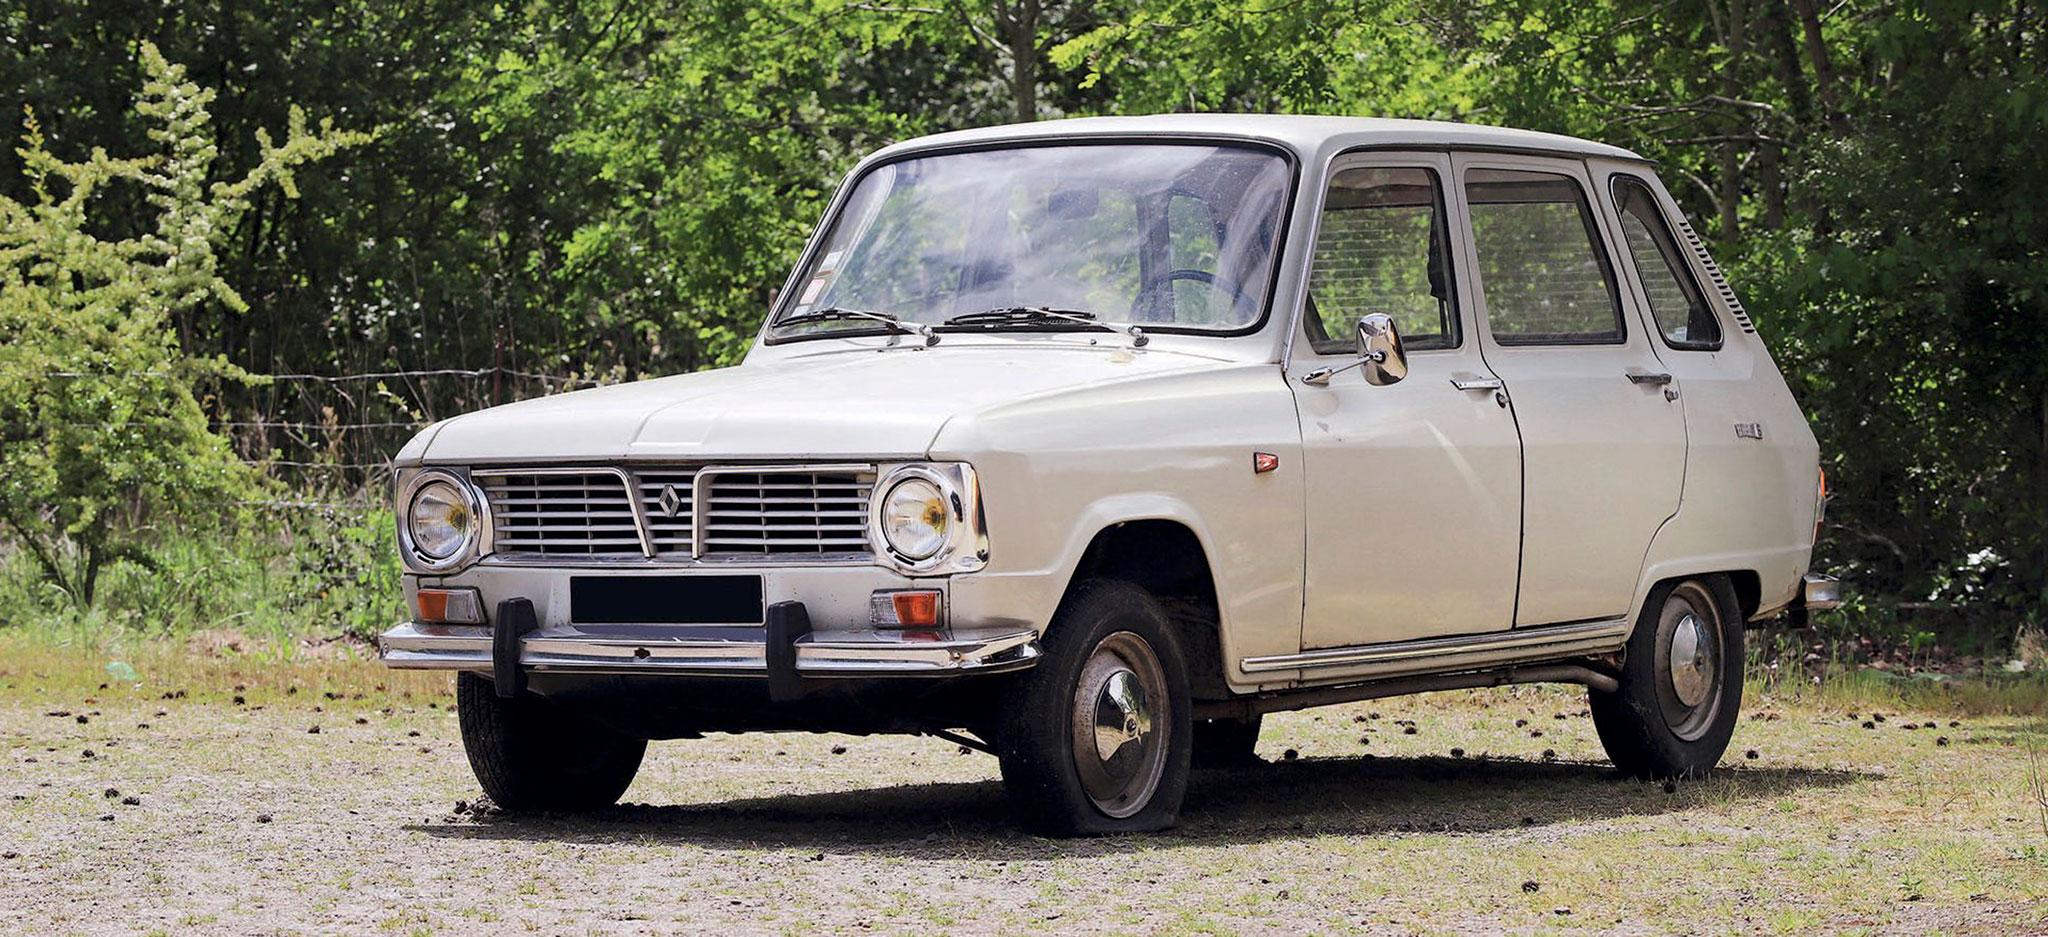 1969 Renault R6 €800 - 1200 - Populaires Françaises.